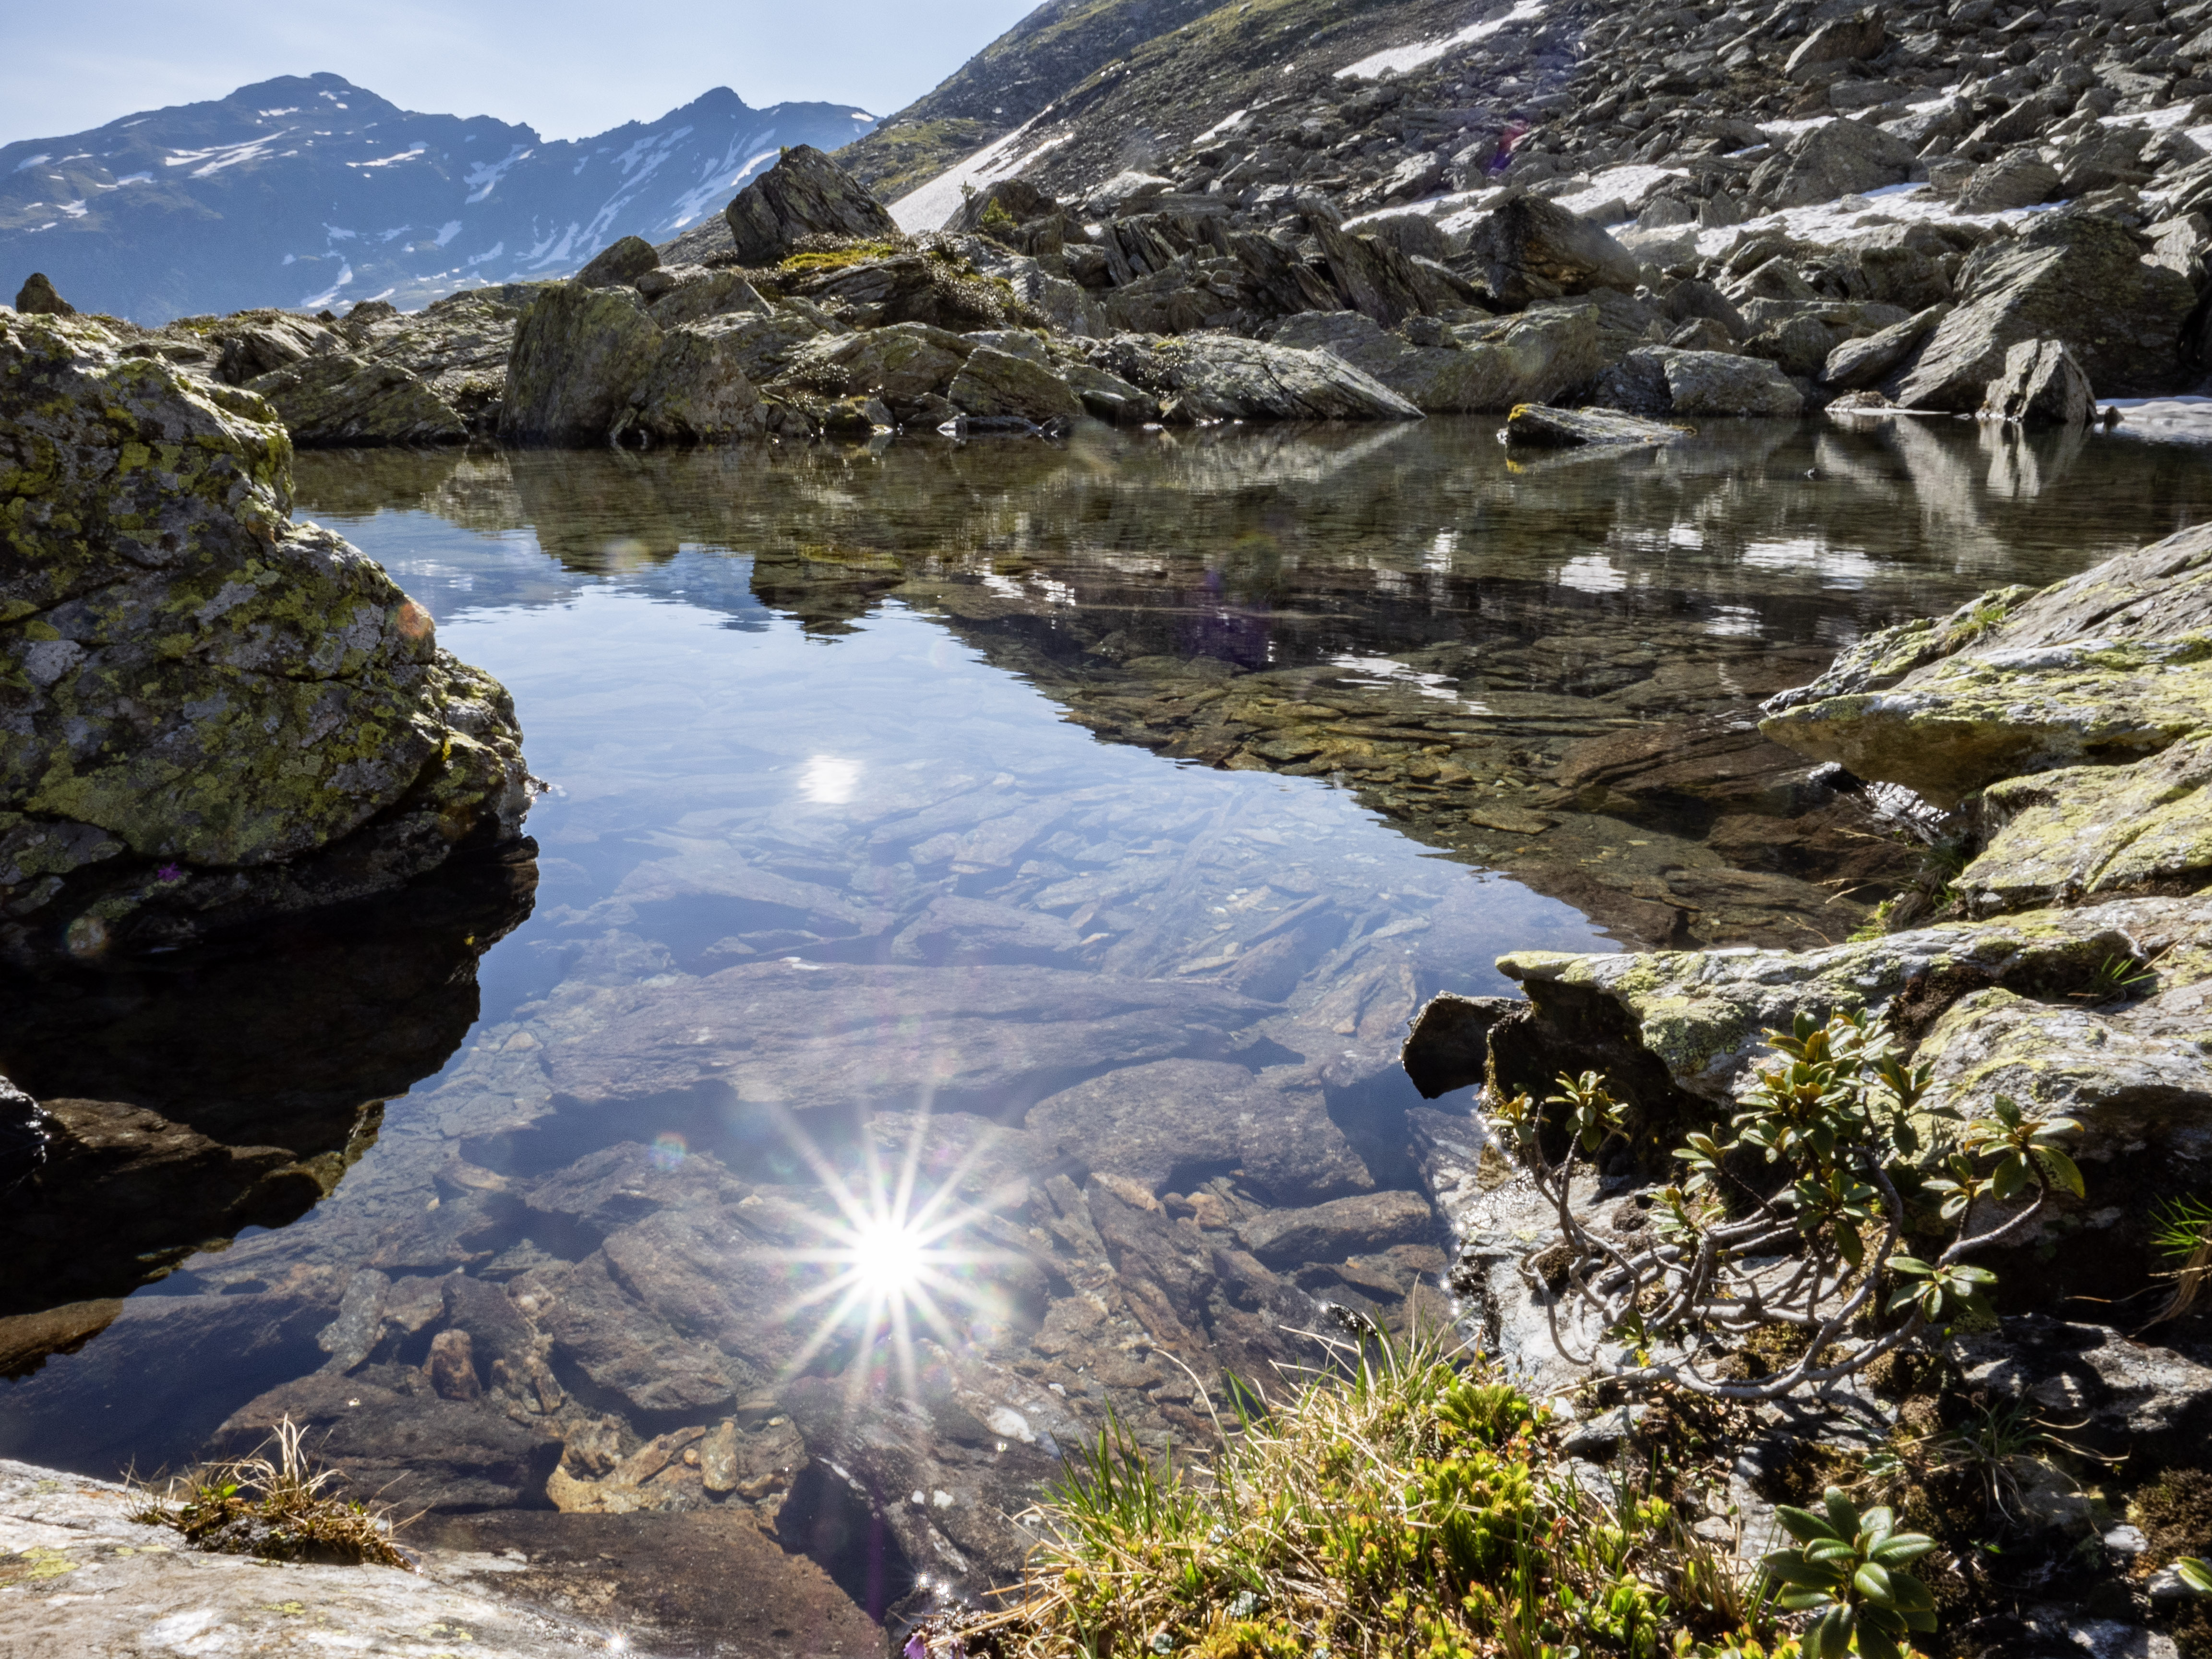 Sonne spiegelt sich in einer Lacke im Gamskar